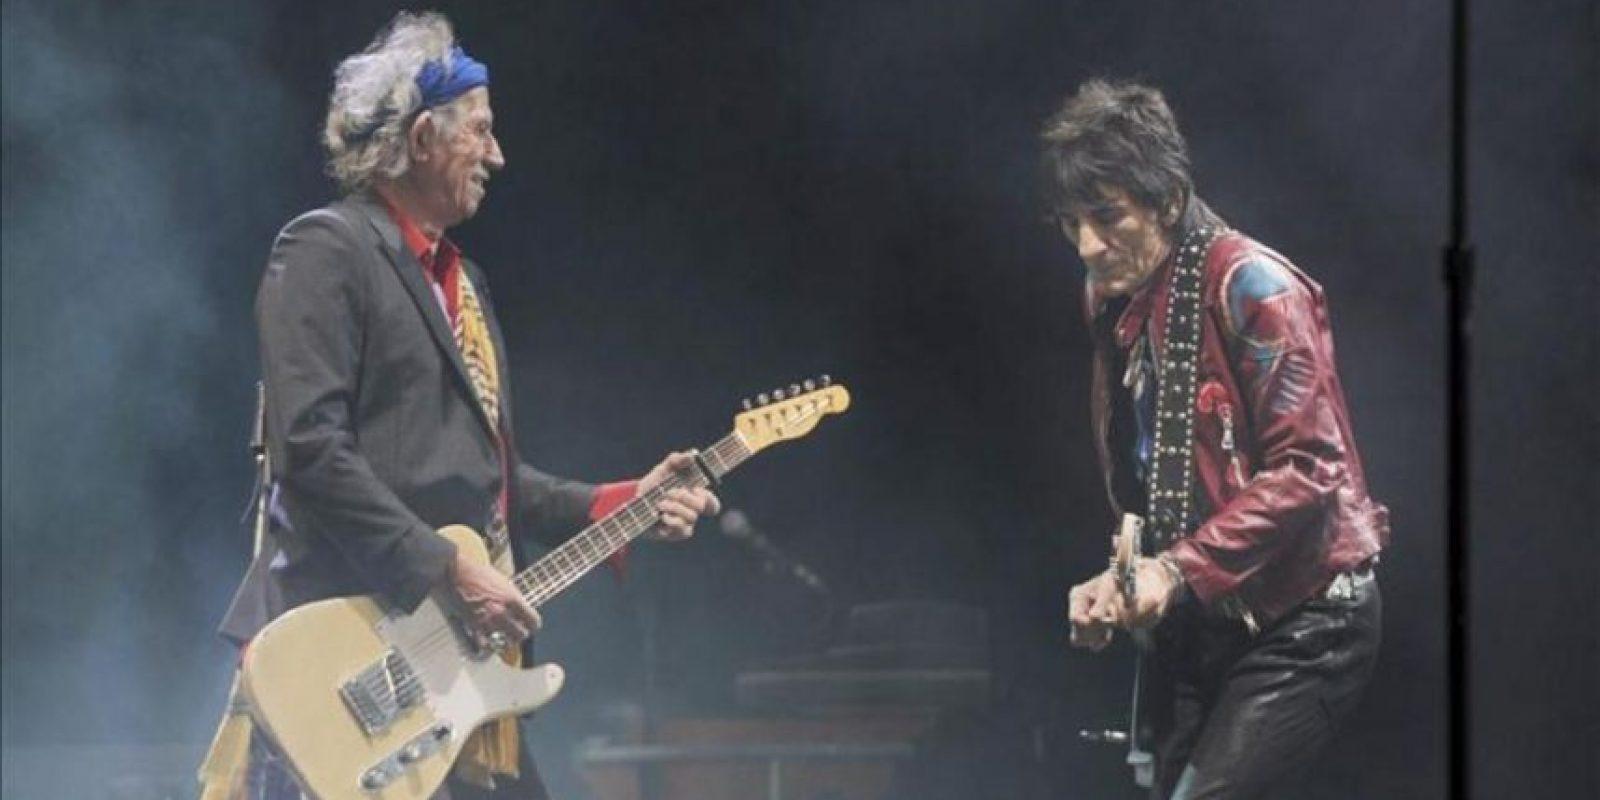 Los músicos británicos Keith Richards (I) y Ronnie Woods (D) de los Rolling Stones en un momento del concierto que ofrencieron en el festival de música de Glastonbury. EFE